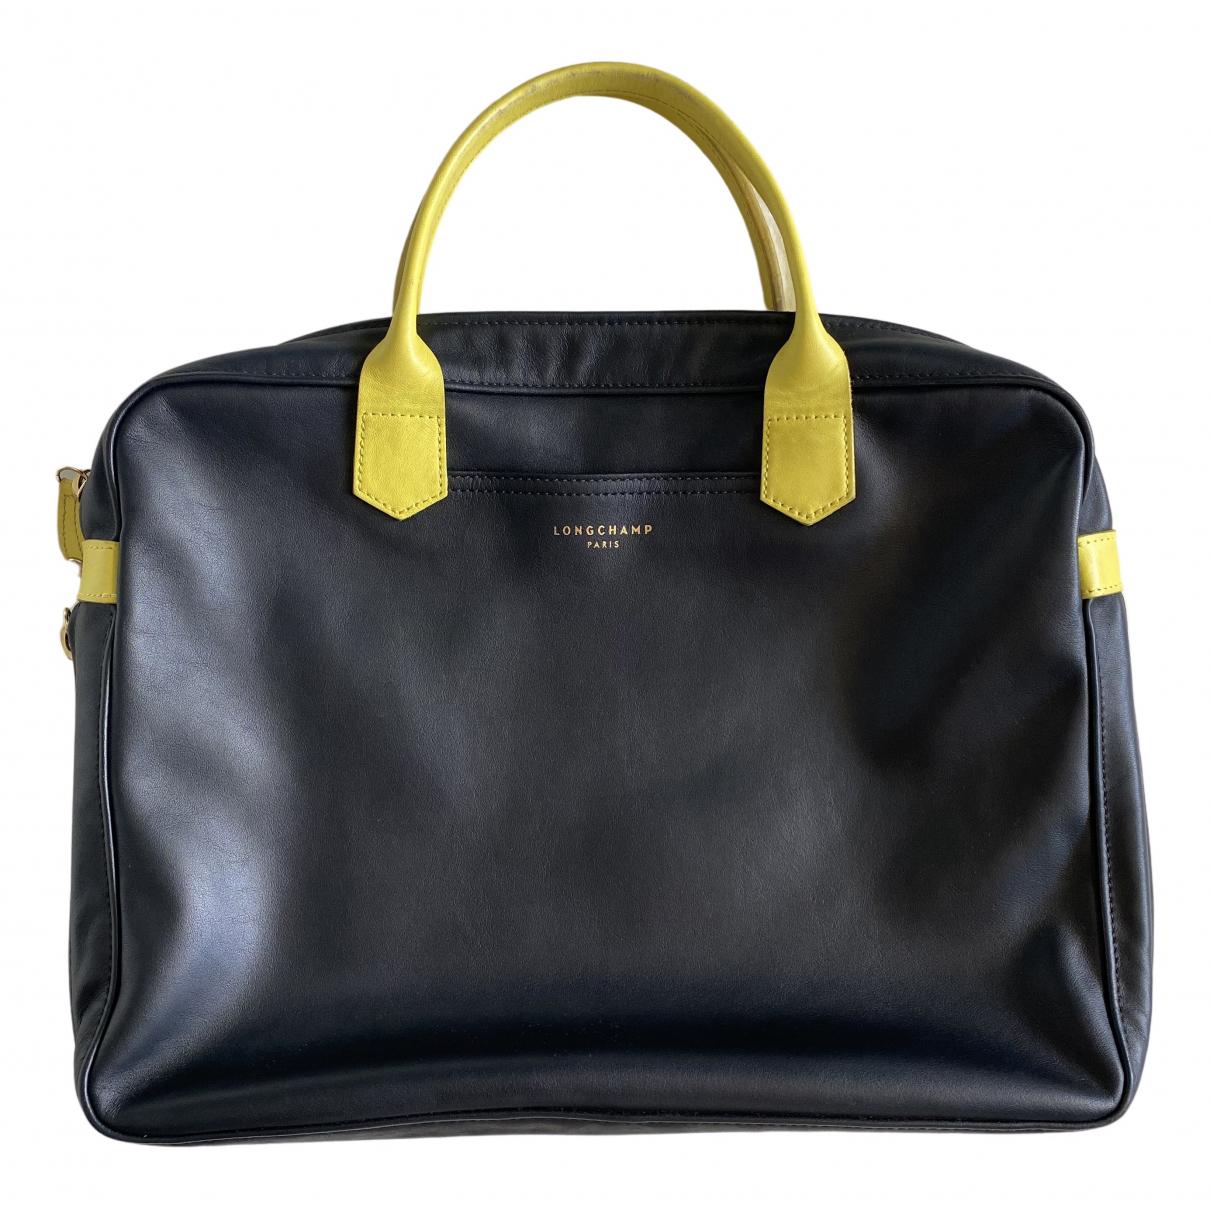 Longchamp - Sac   pour homme en cuir - noir